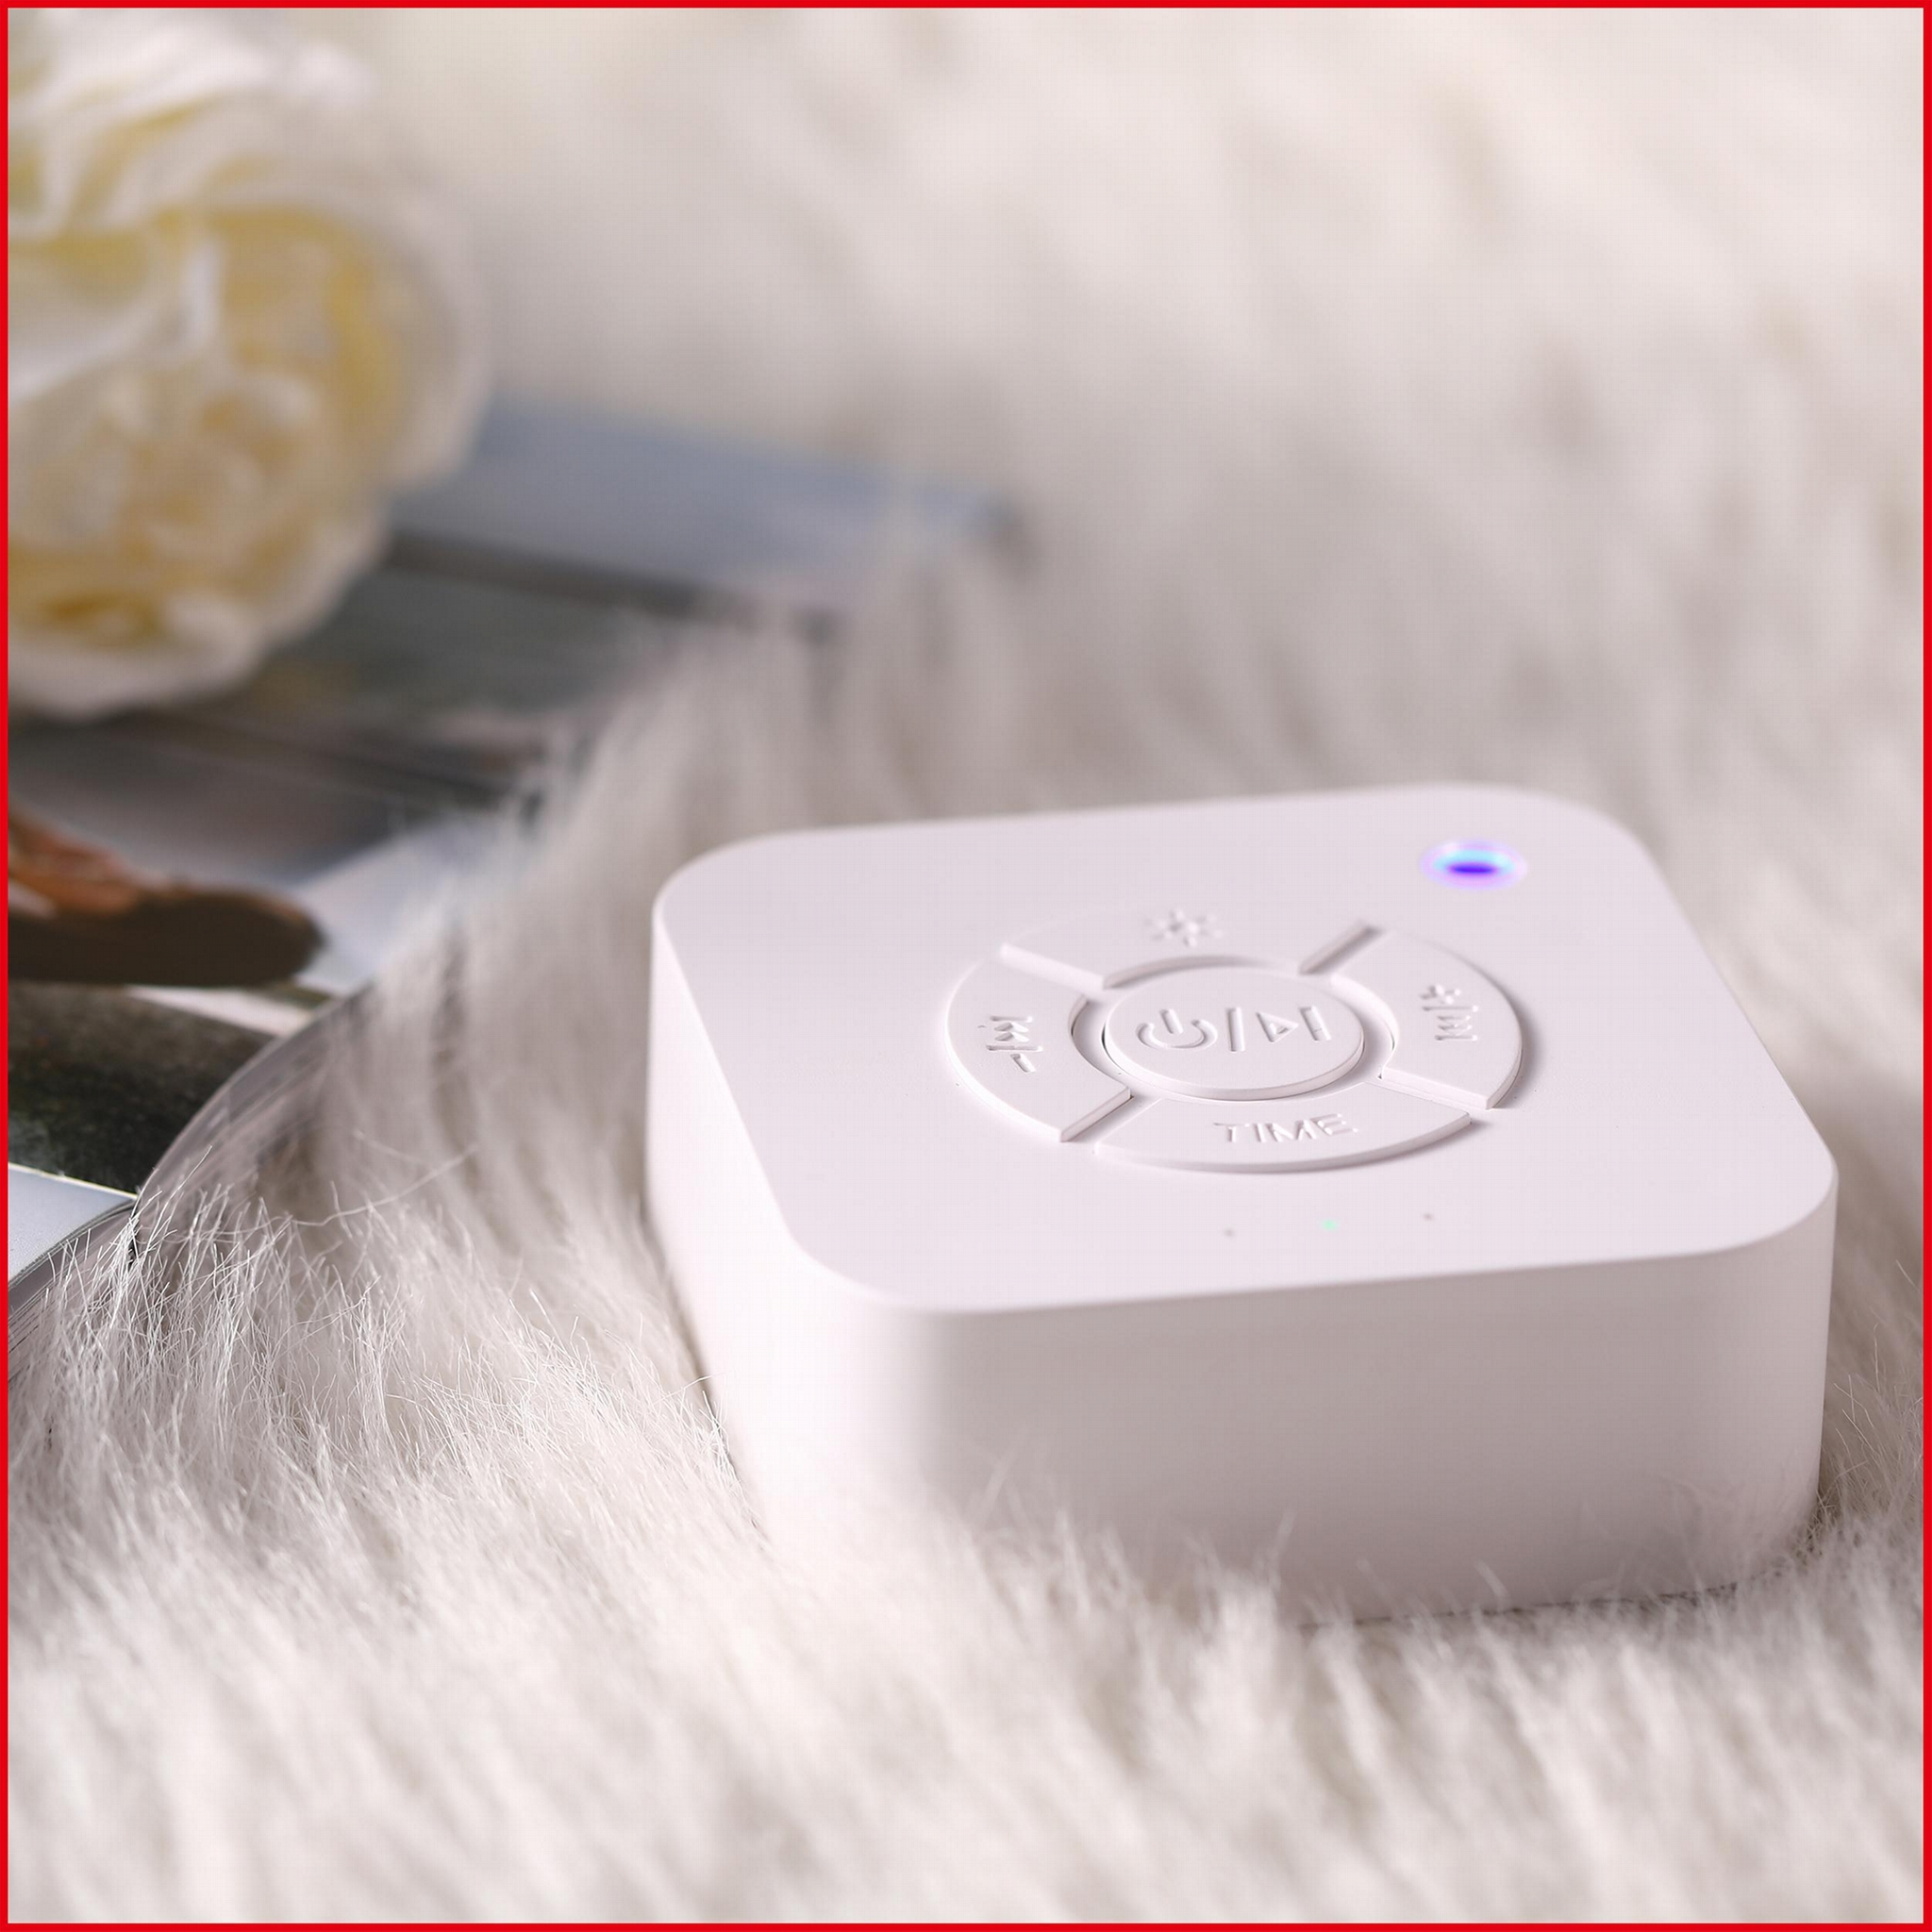 白噪音助眠仪老人助眠器婴儿睡眠安抚仪白噪音音乐助眠 3